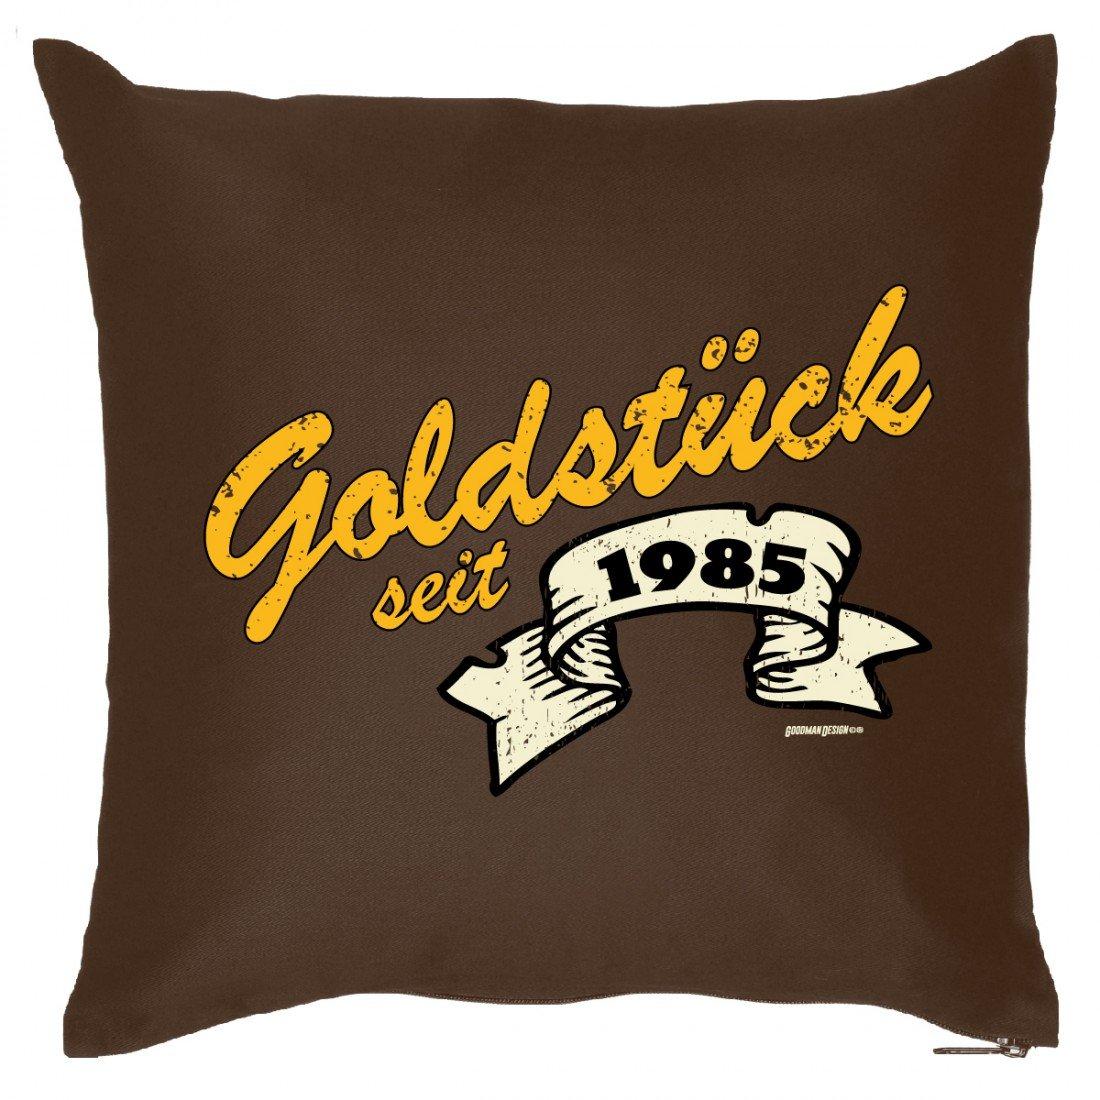 Goldiges Couch Kissen mit Jahrgang zum Geburtstag – Goldstück seit 1985 – Sofakissen Wendekissen mit Spruch und Humor günstig kaufen